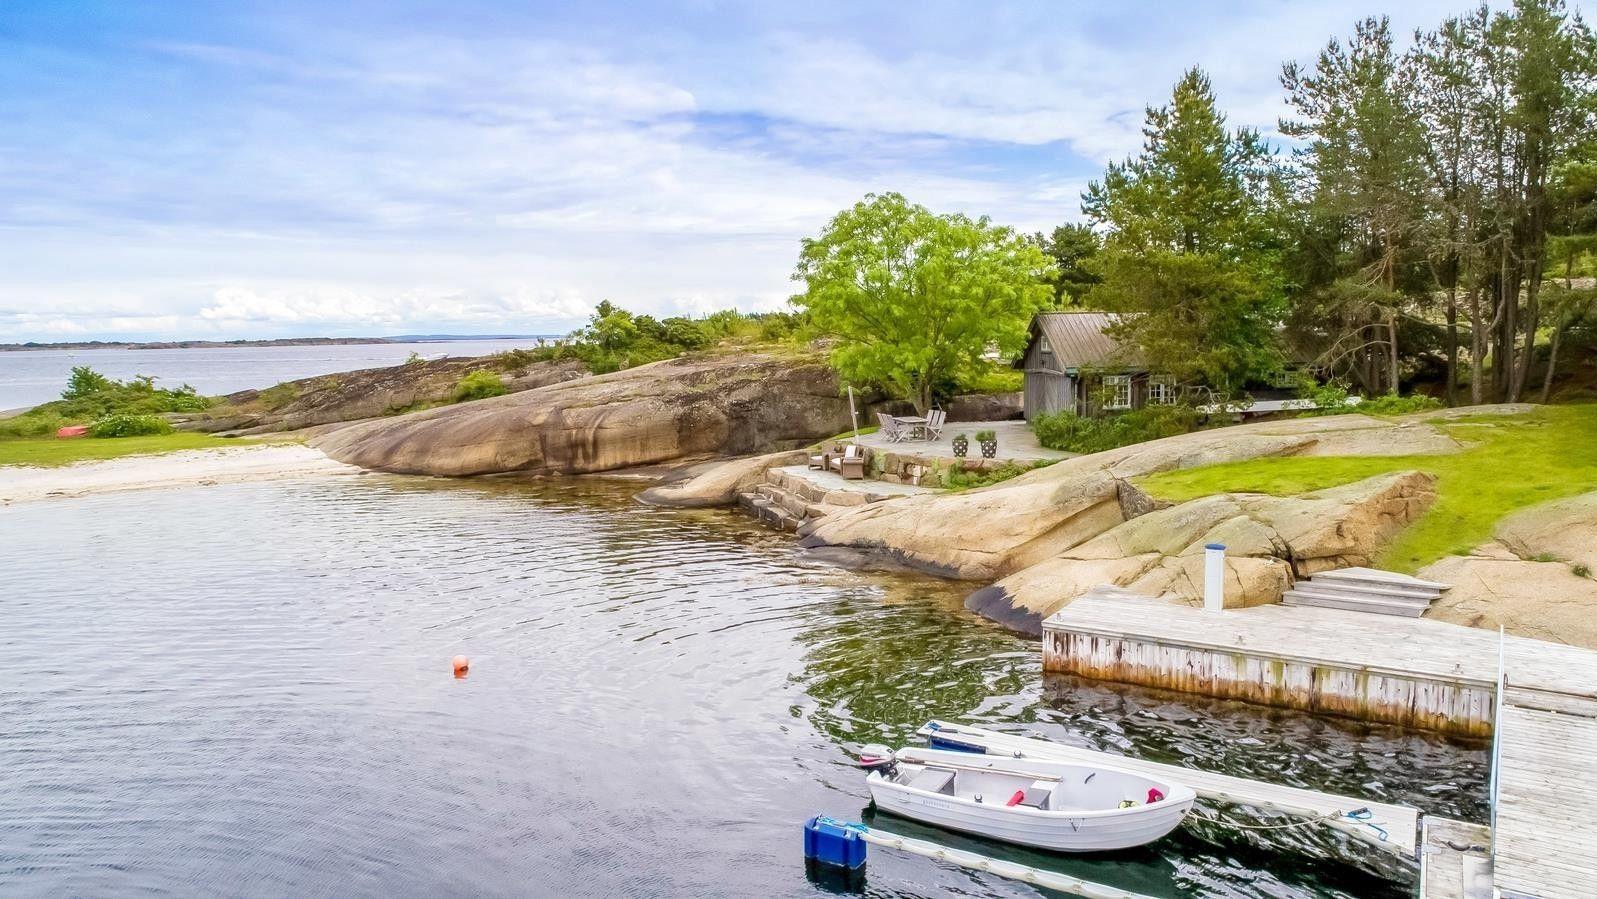 TIL SALGS: Denne sjøeiendommen på Tjøme i Vestfold er til salgs med prisantydning 40 millioner kroner. Det er eiendomsmegler Tore Solberg i Eiendomsmegler 1 som formidler salget.